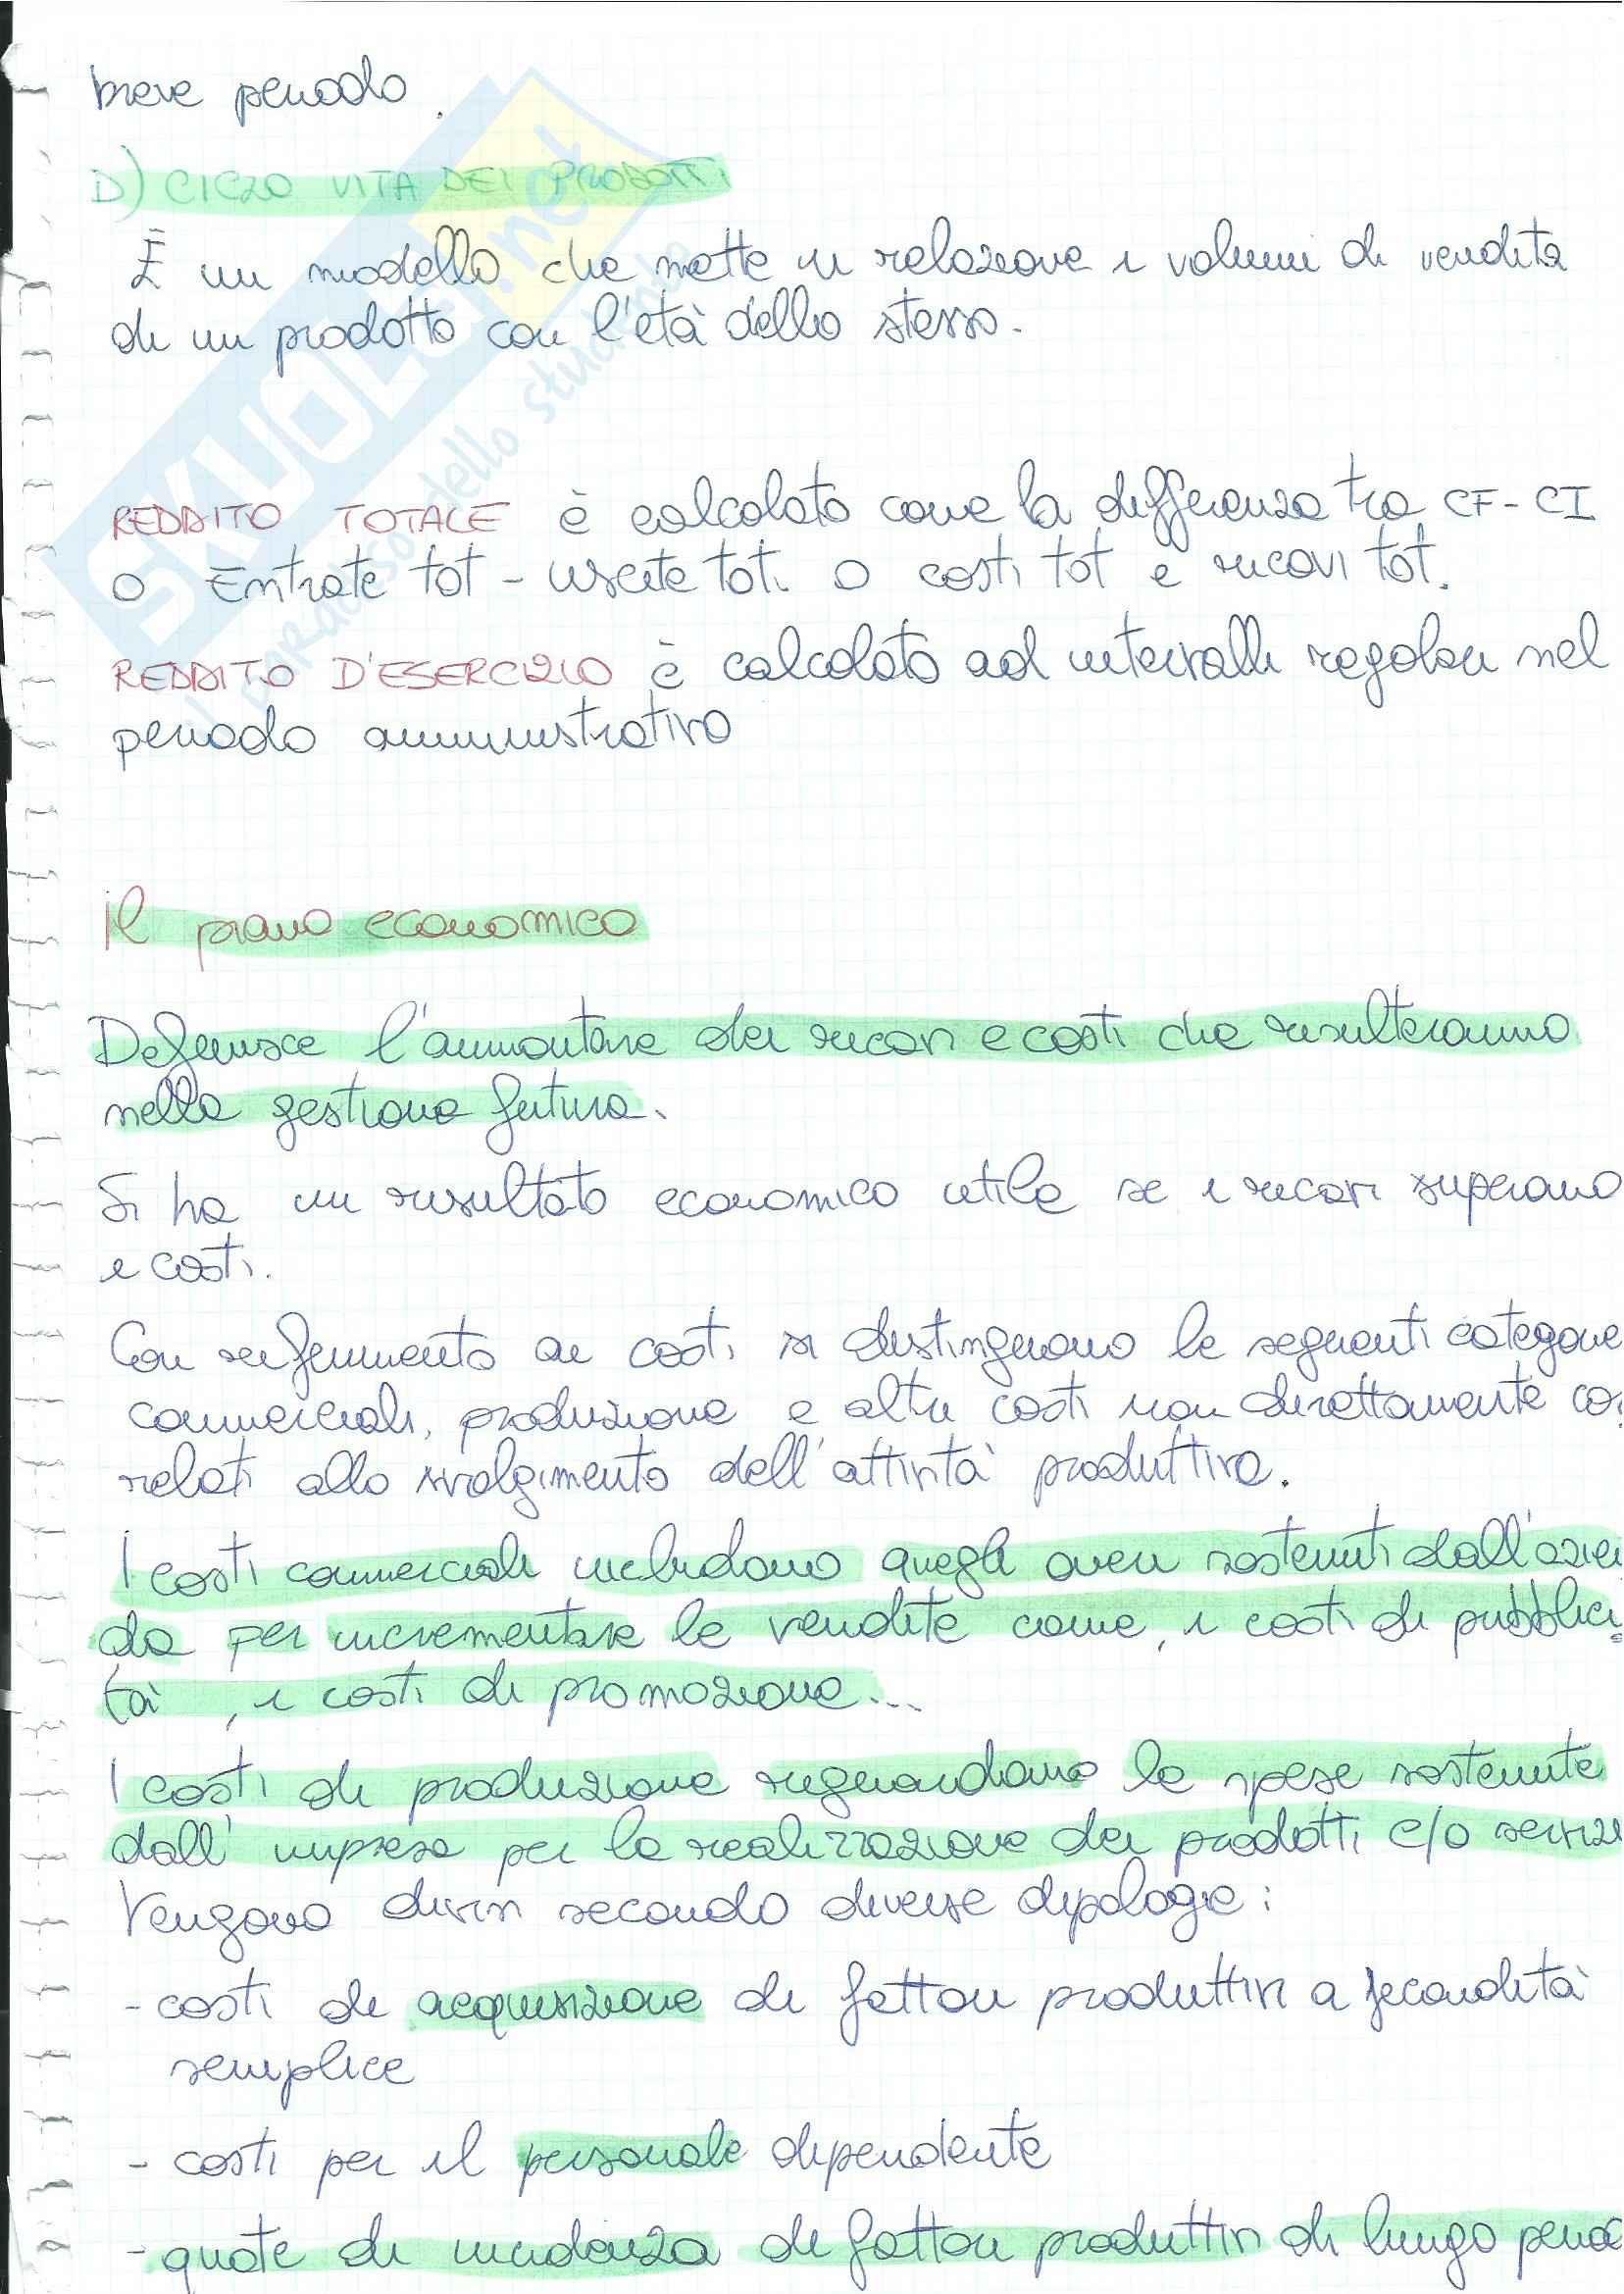 Economia aziendale - Appunti Pag. 76